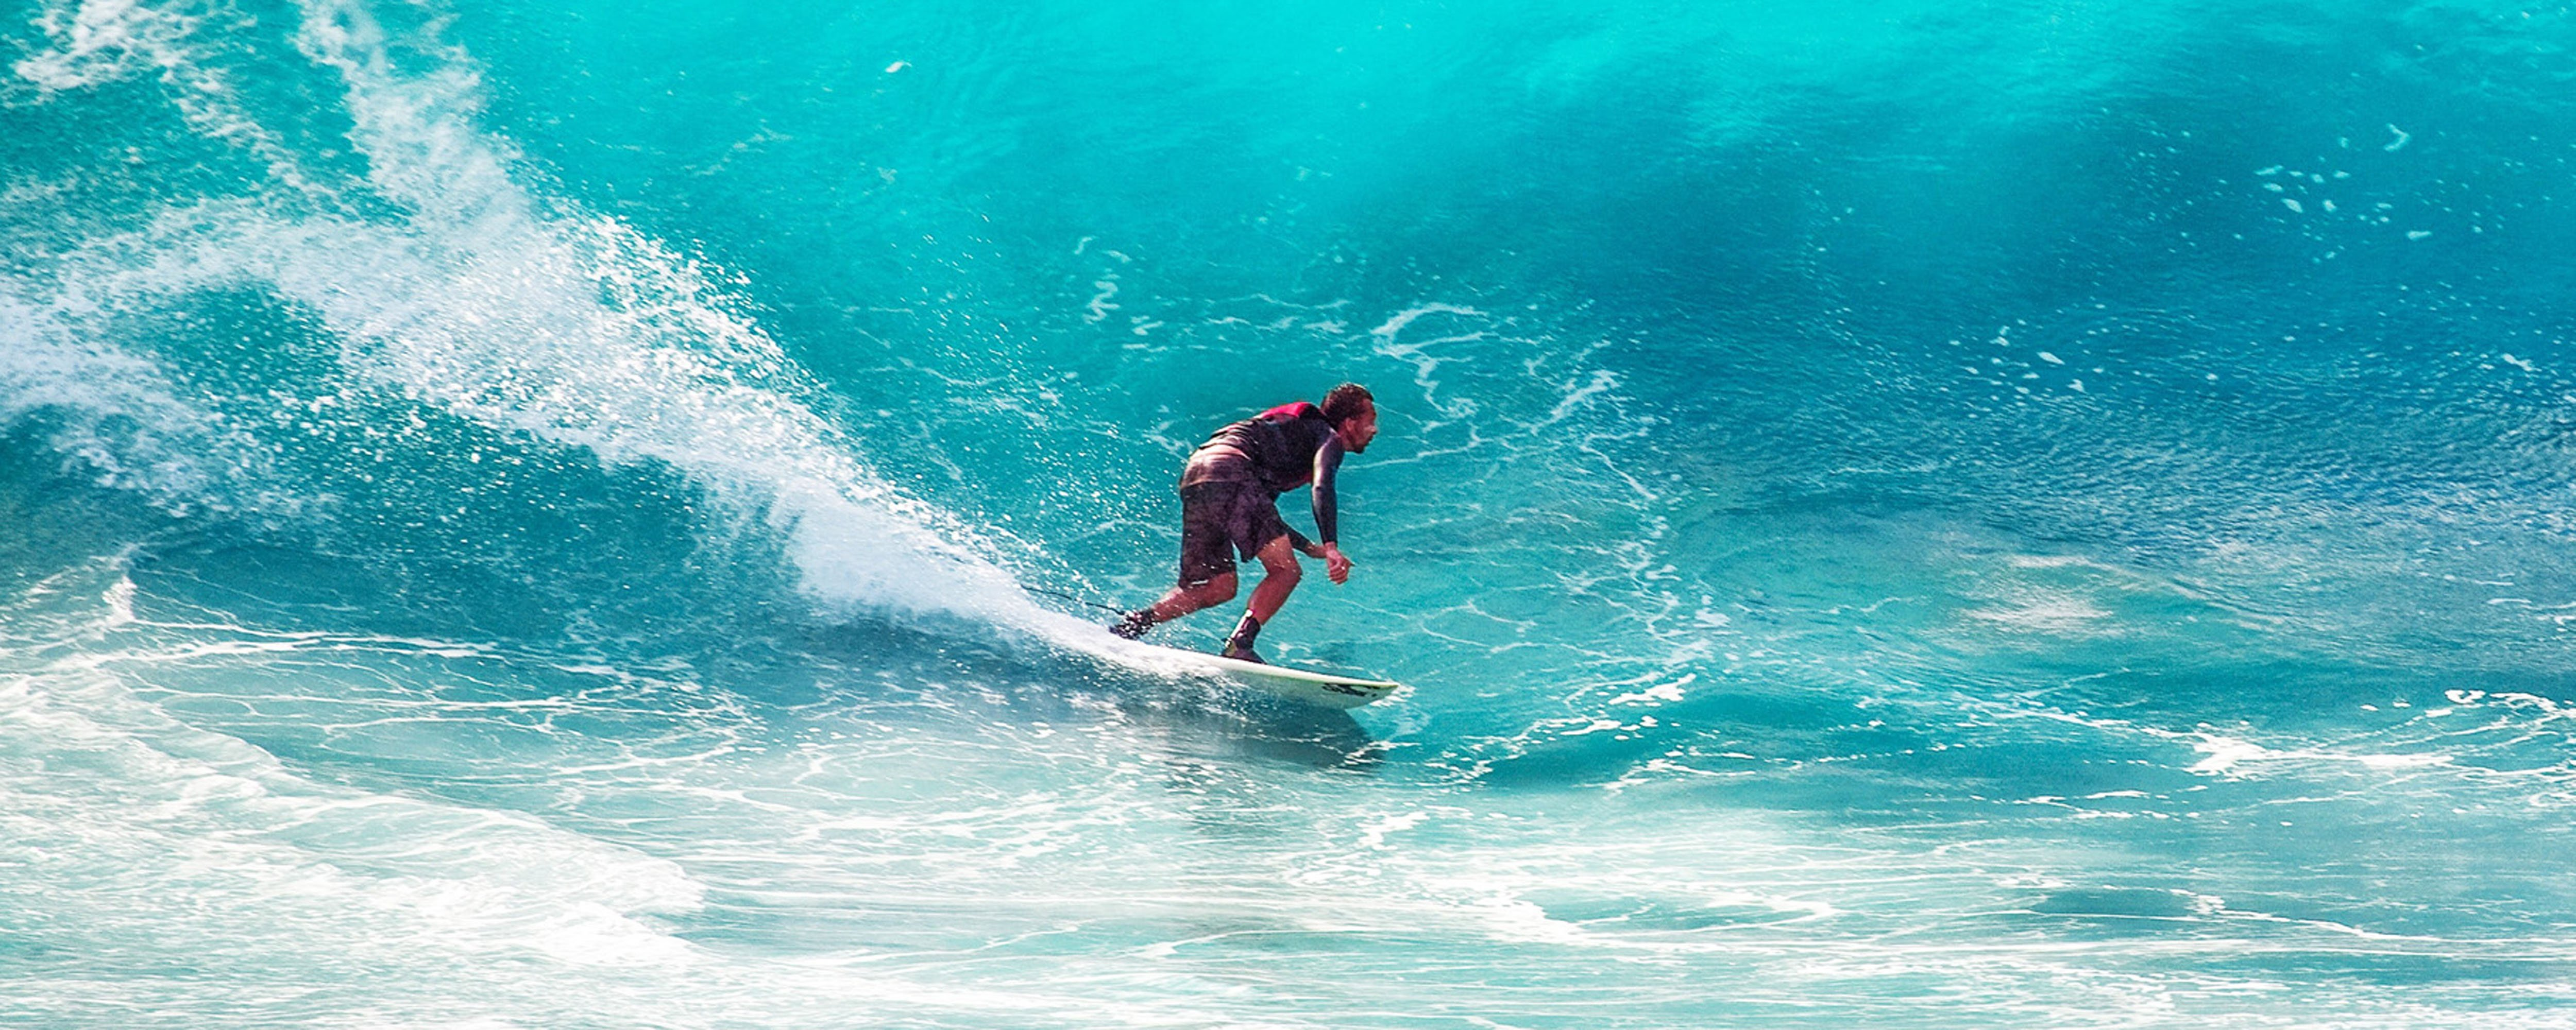 RANDSTAD-MTC - Surfer